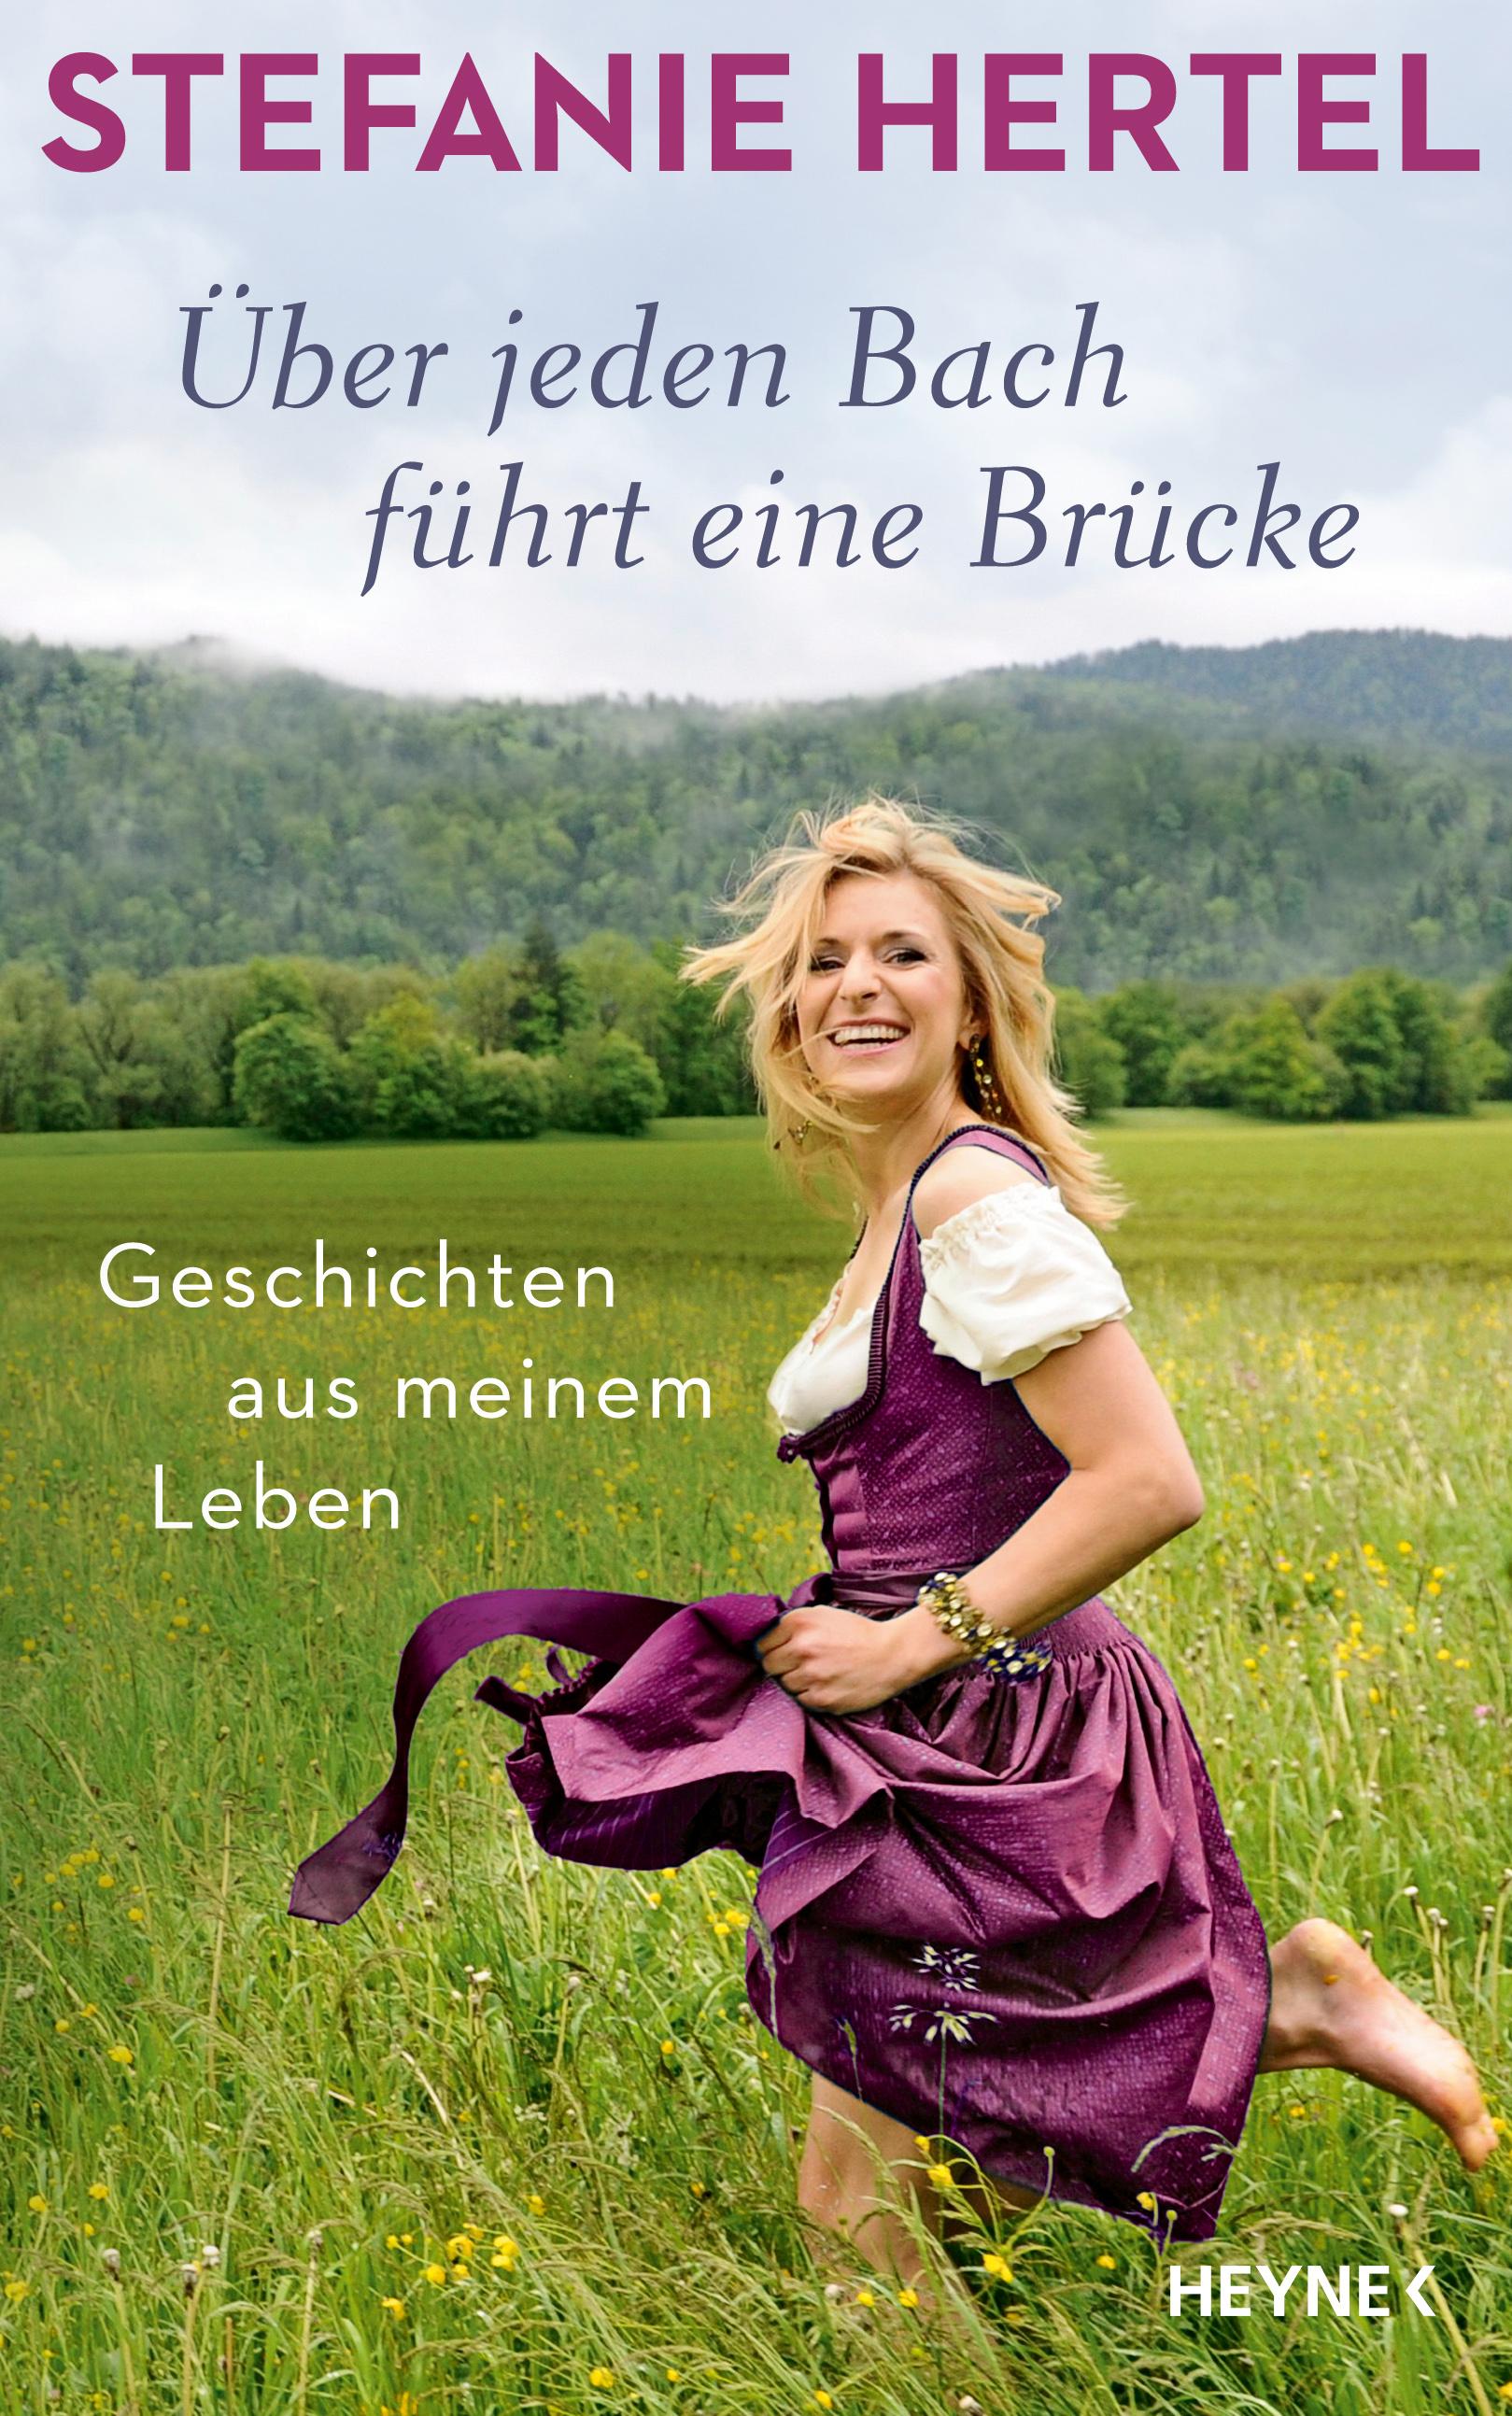 Stefanie-Hertel_Neues-Buch_Geschichten-aus-meinem-Leben.jpg